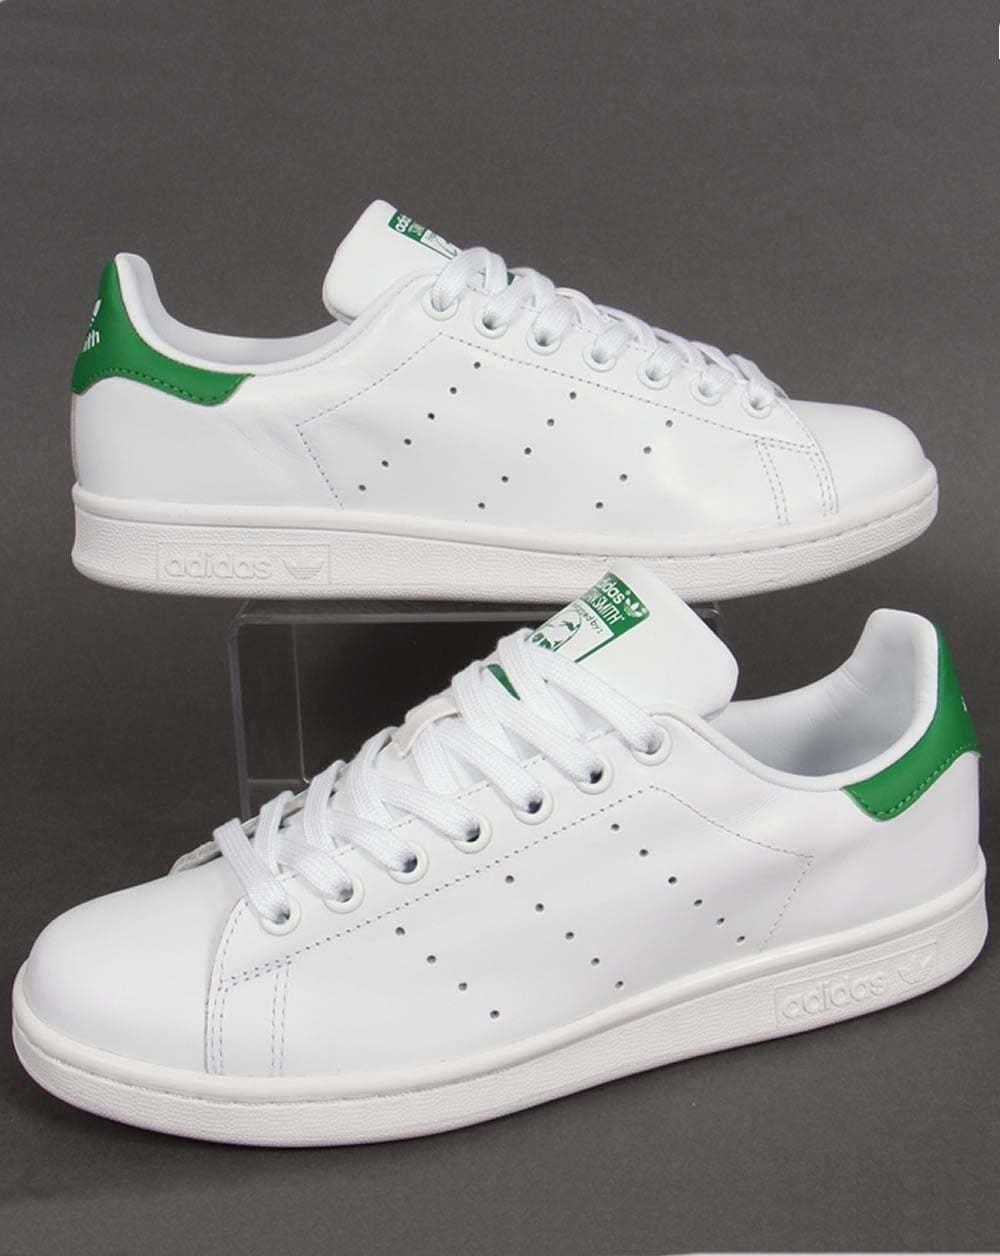 Adidas Originals Originals Originals Stan Smith (cuero lleno - blancoooo y verde-BNIBWT ef5671